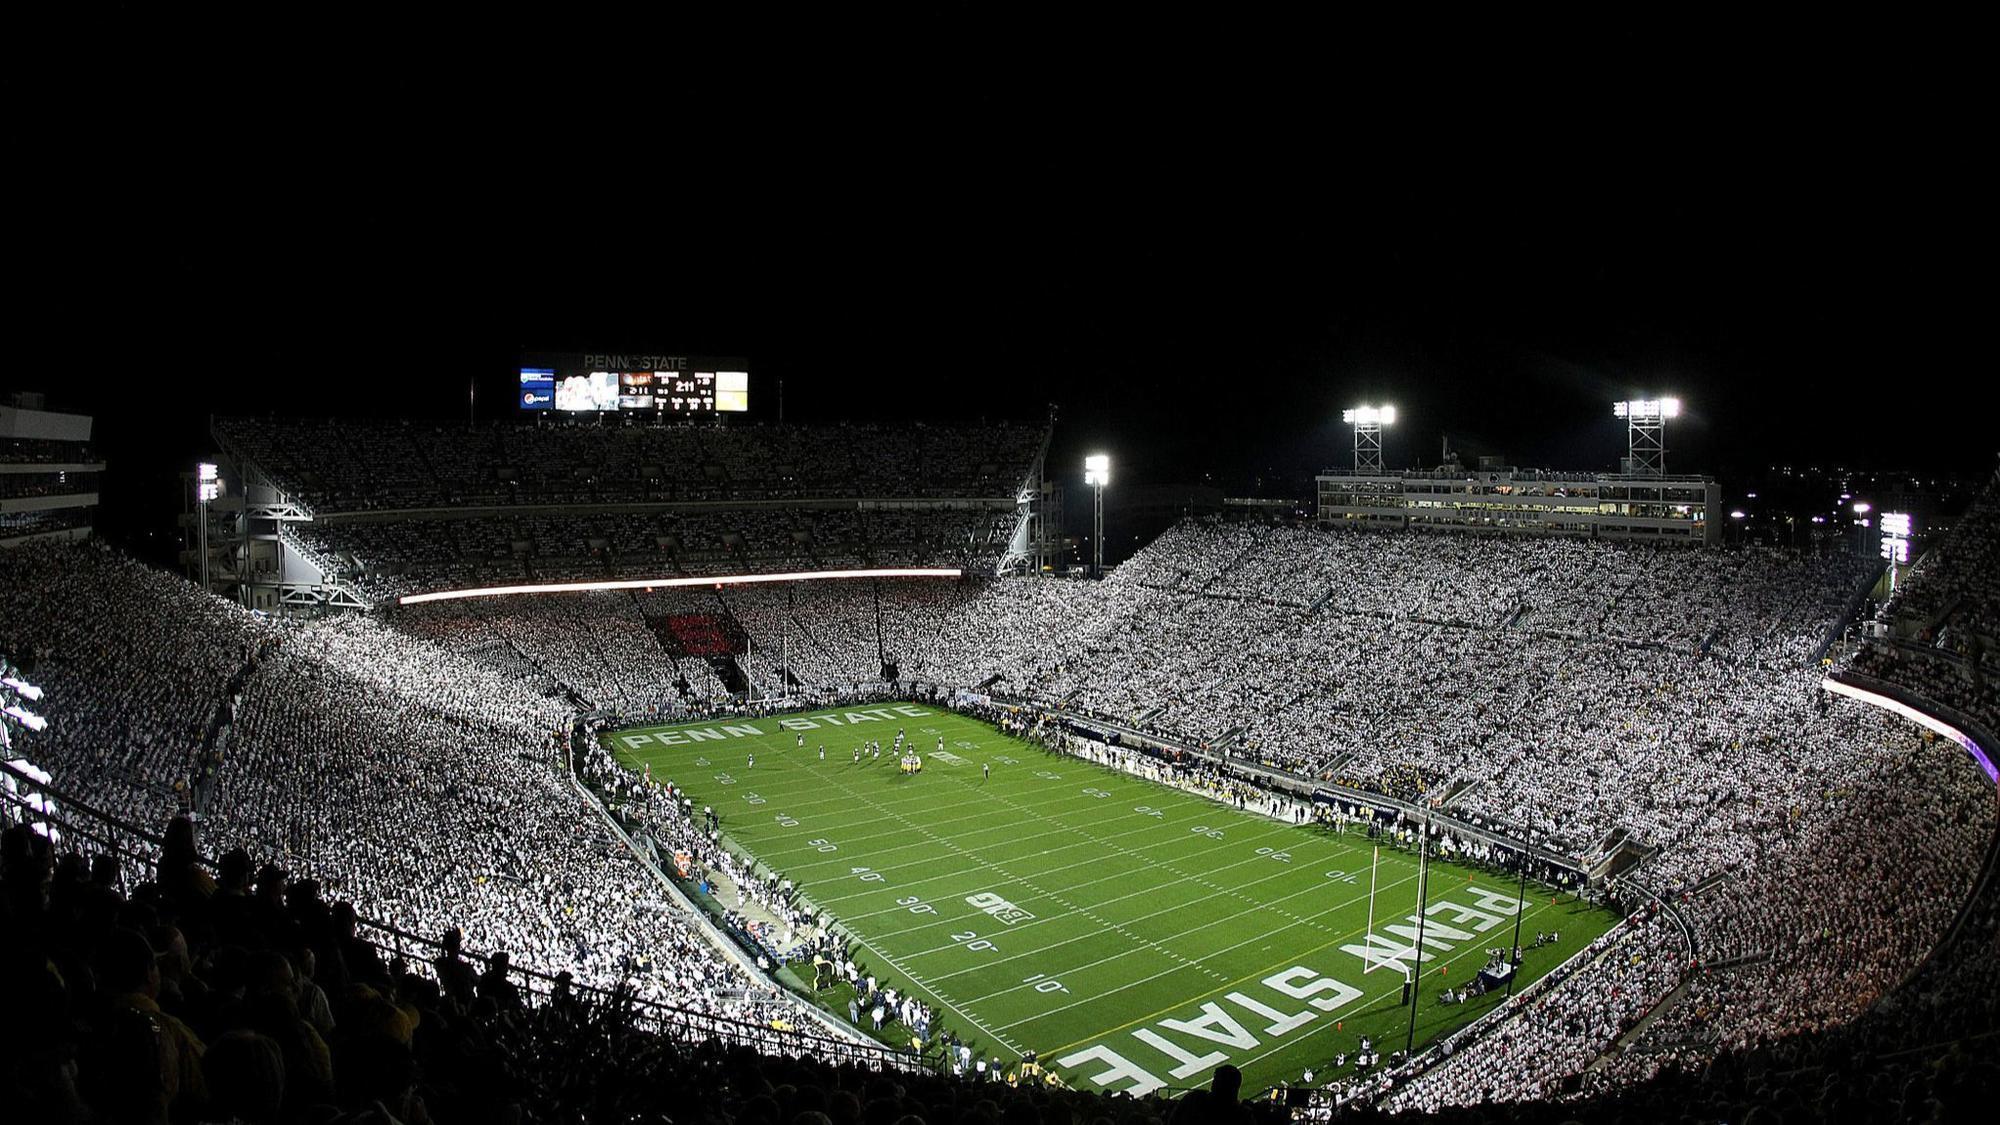 Mc-spt-penn-state-football-whiteout-ohio-state-20180417